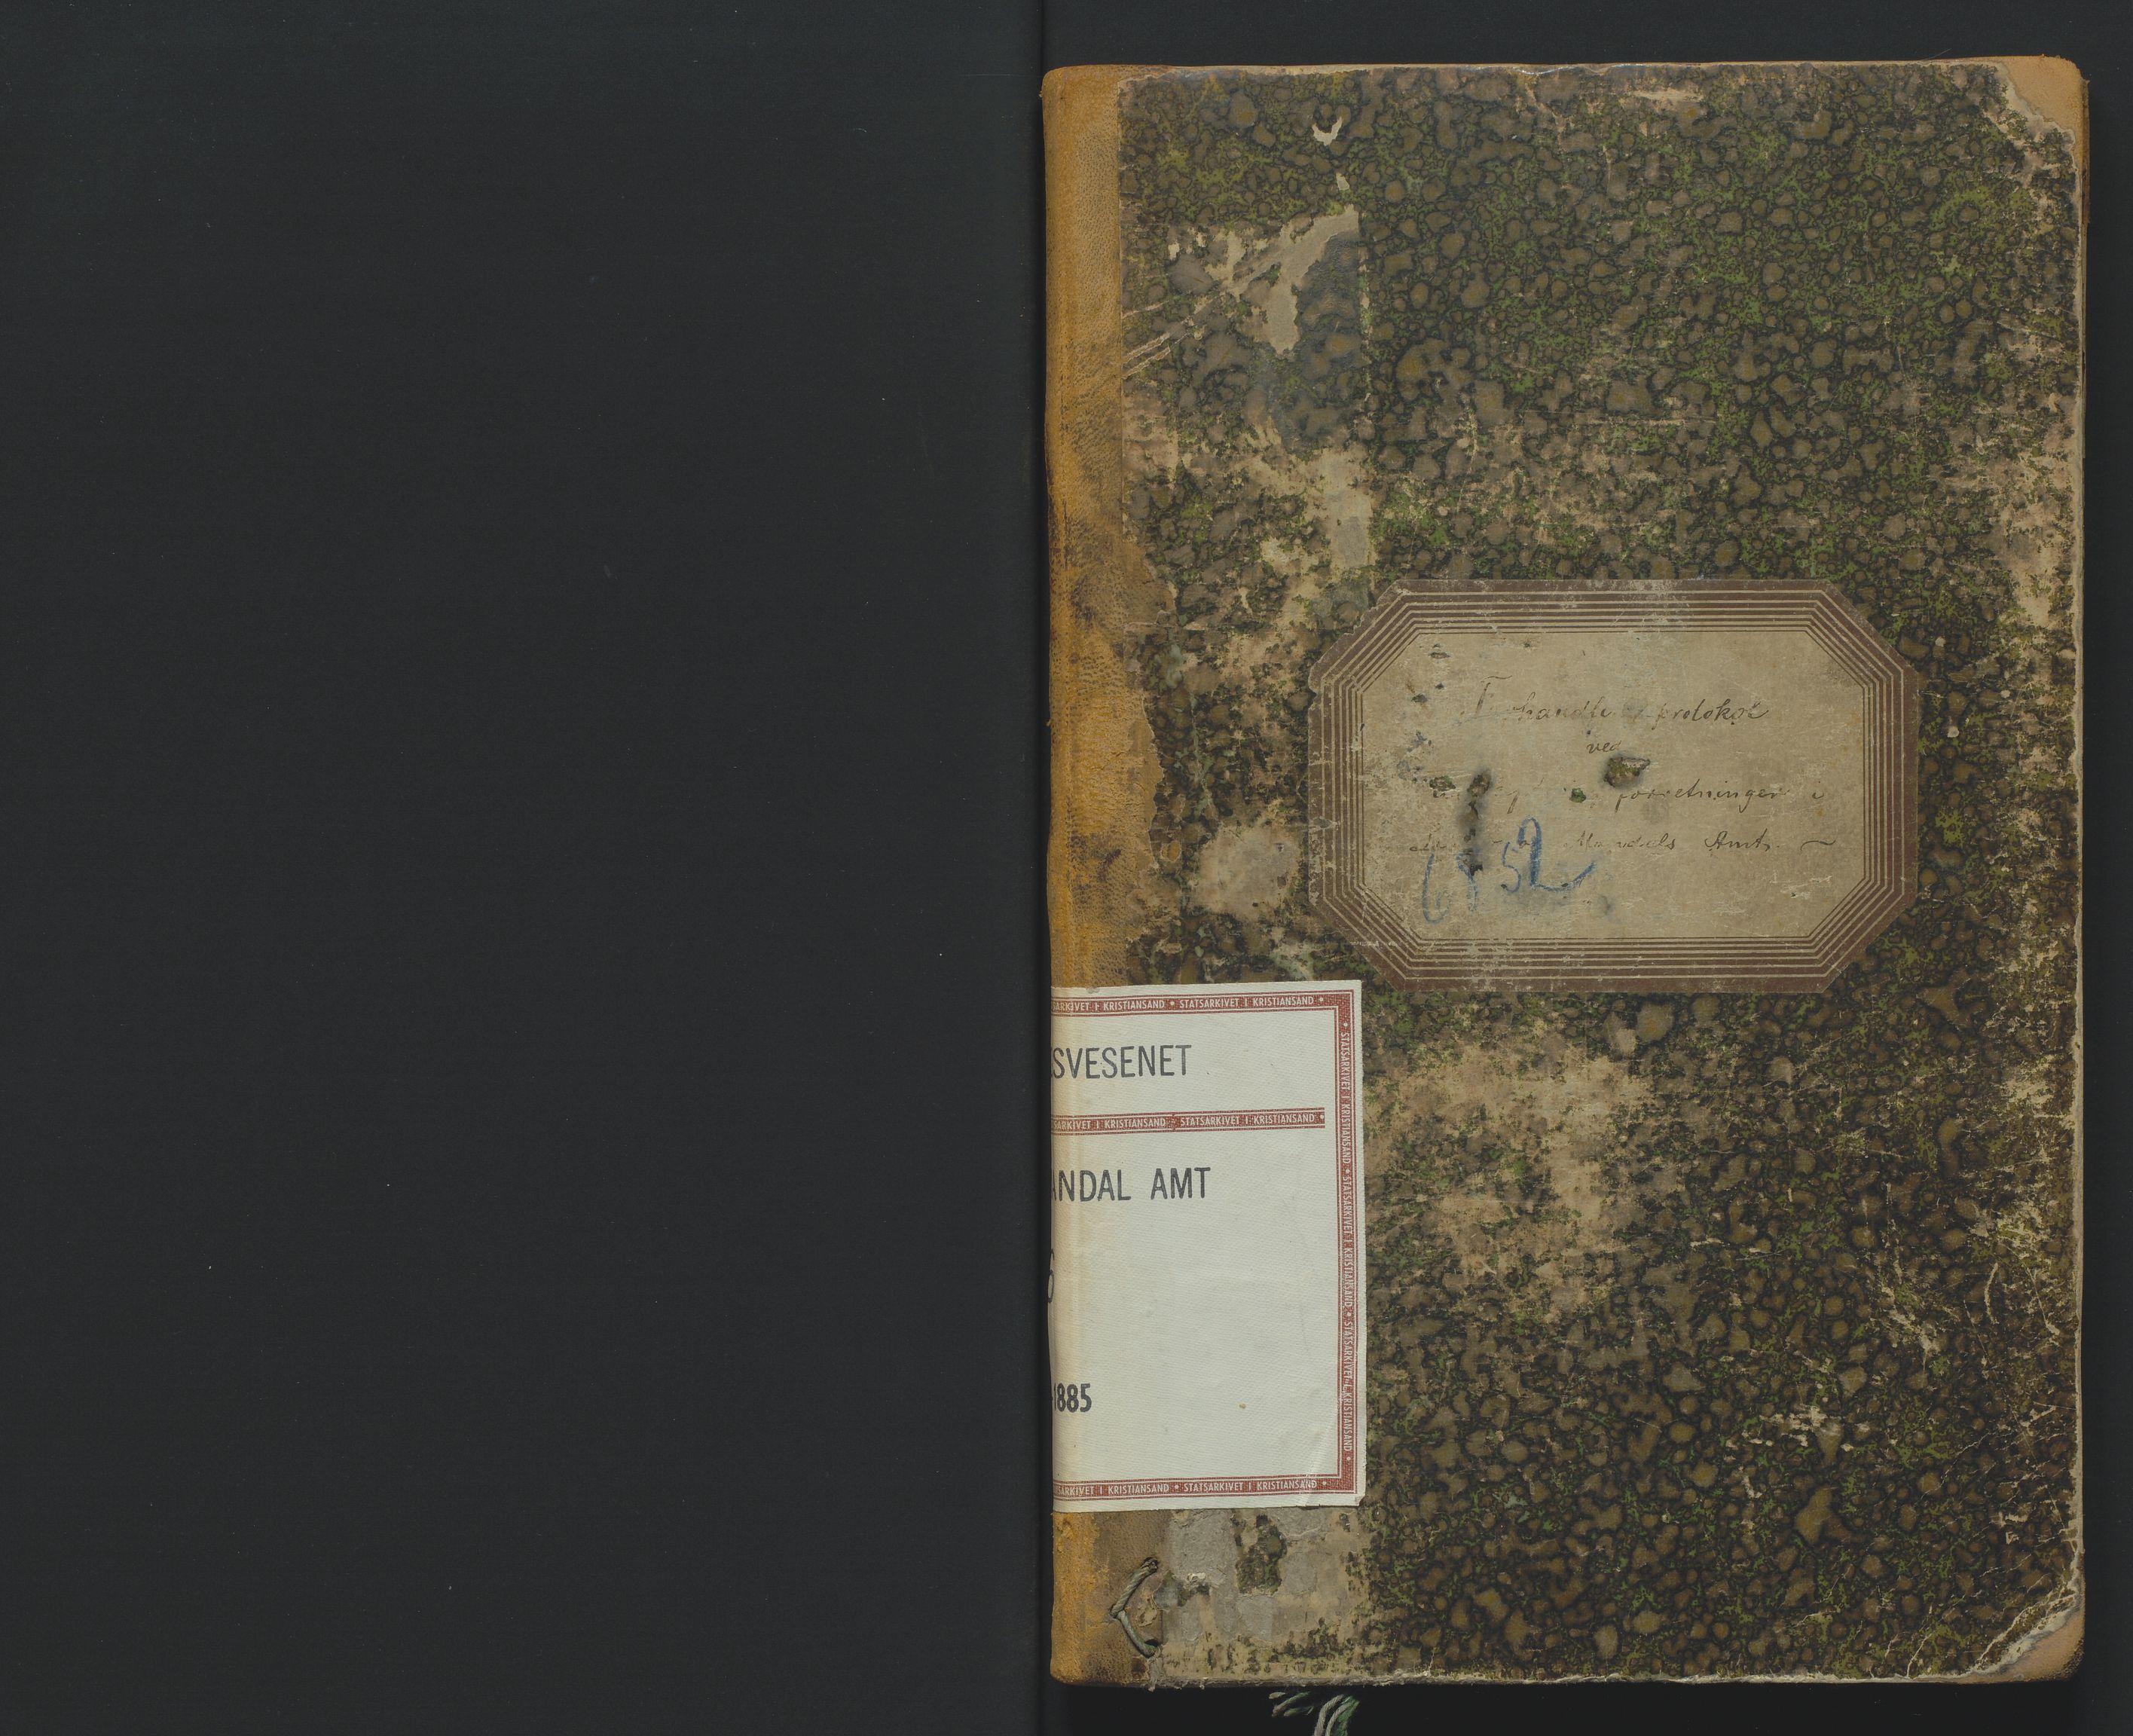 SAK, Utskiftningsformannen i Lister og Mandal amt, F/Fa/Faa/L0016: Utskiftningsprotokoll med register nr 16, 1883-1885